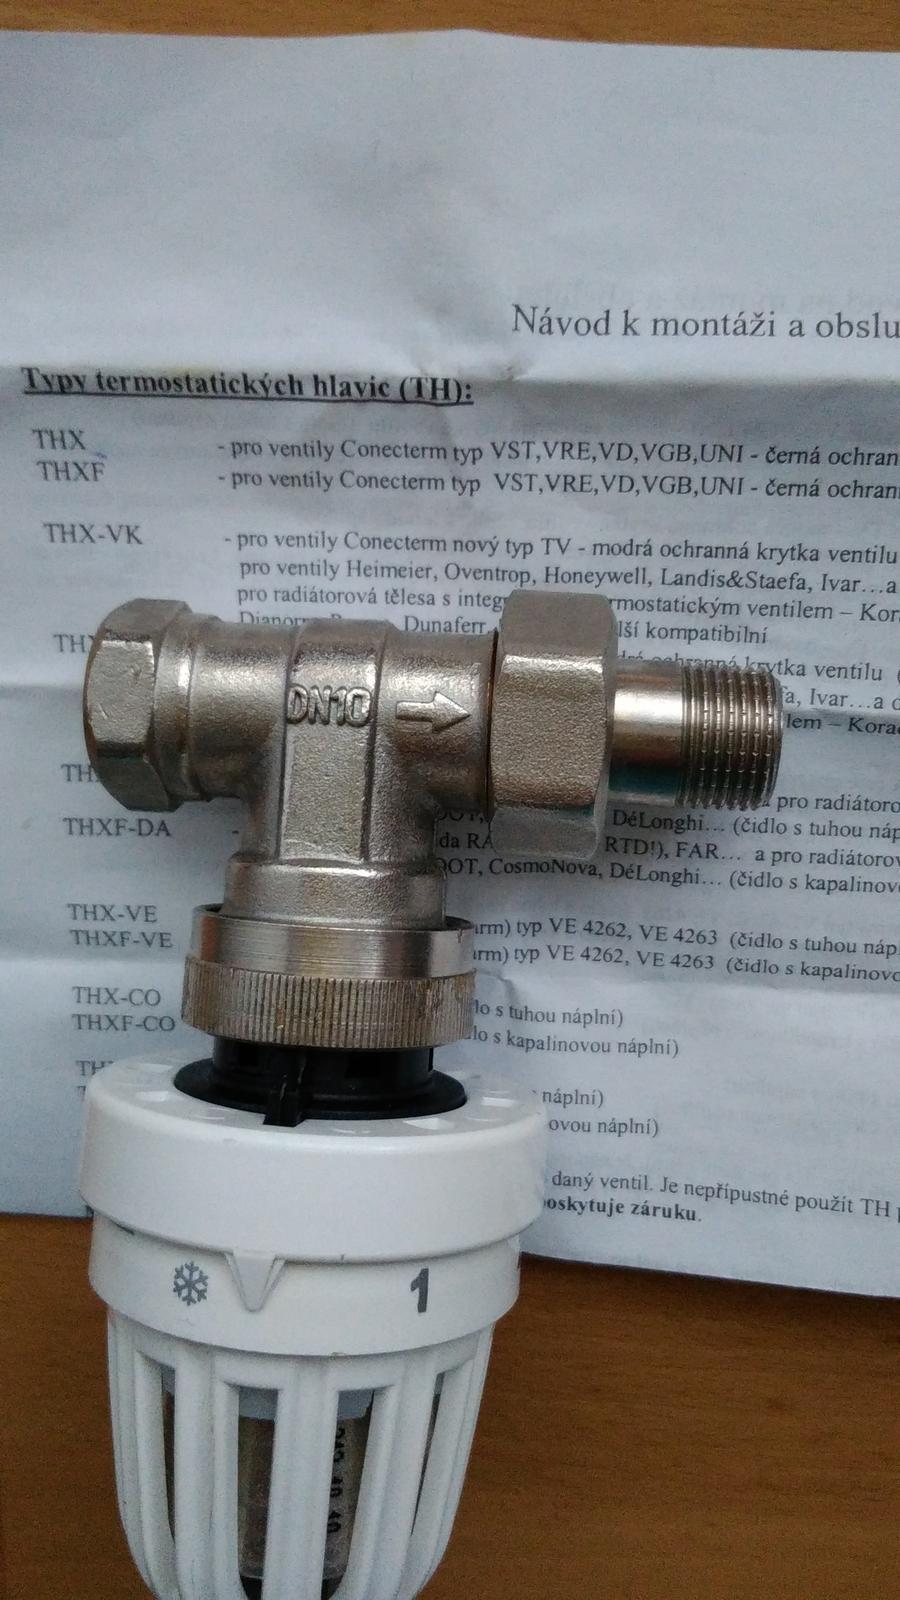 termostaticka hlavica - Obrázok č. 4